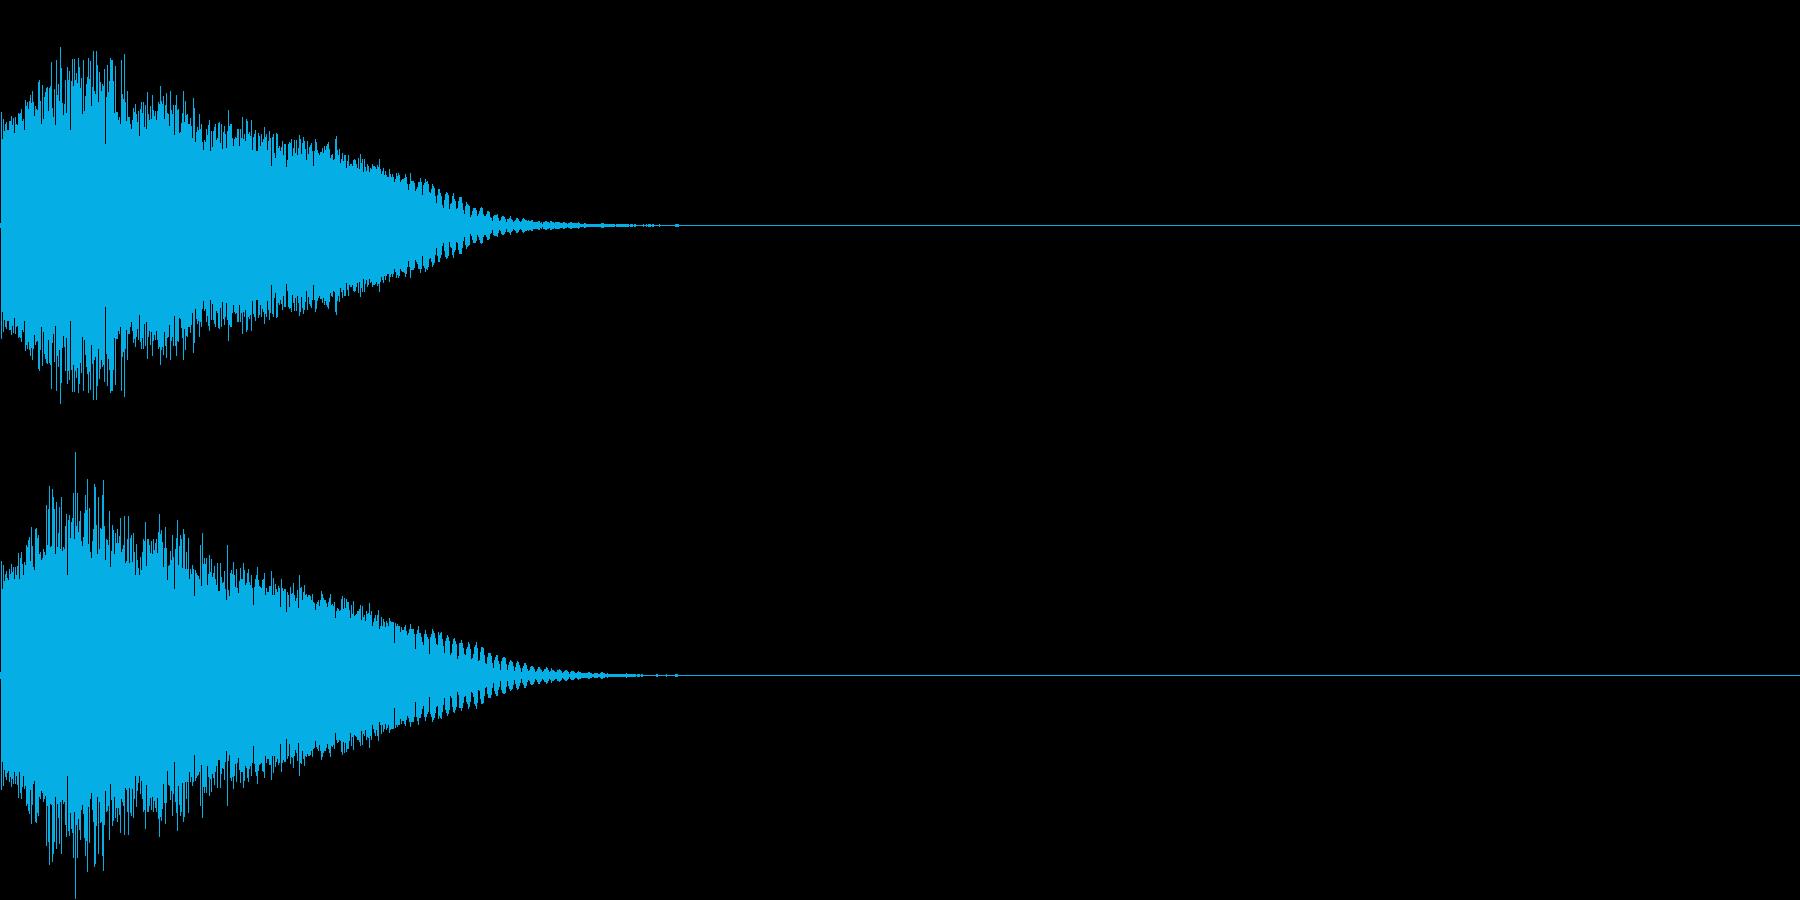 刀 剣 カキーン シャキーン 目立つ14の再生済みの波形